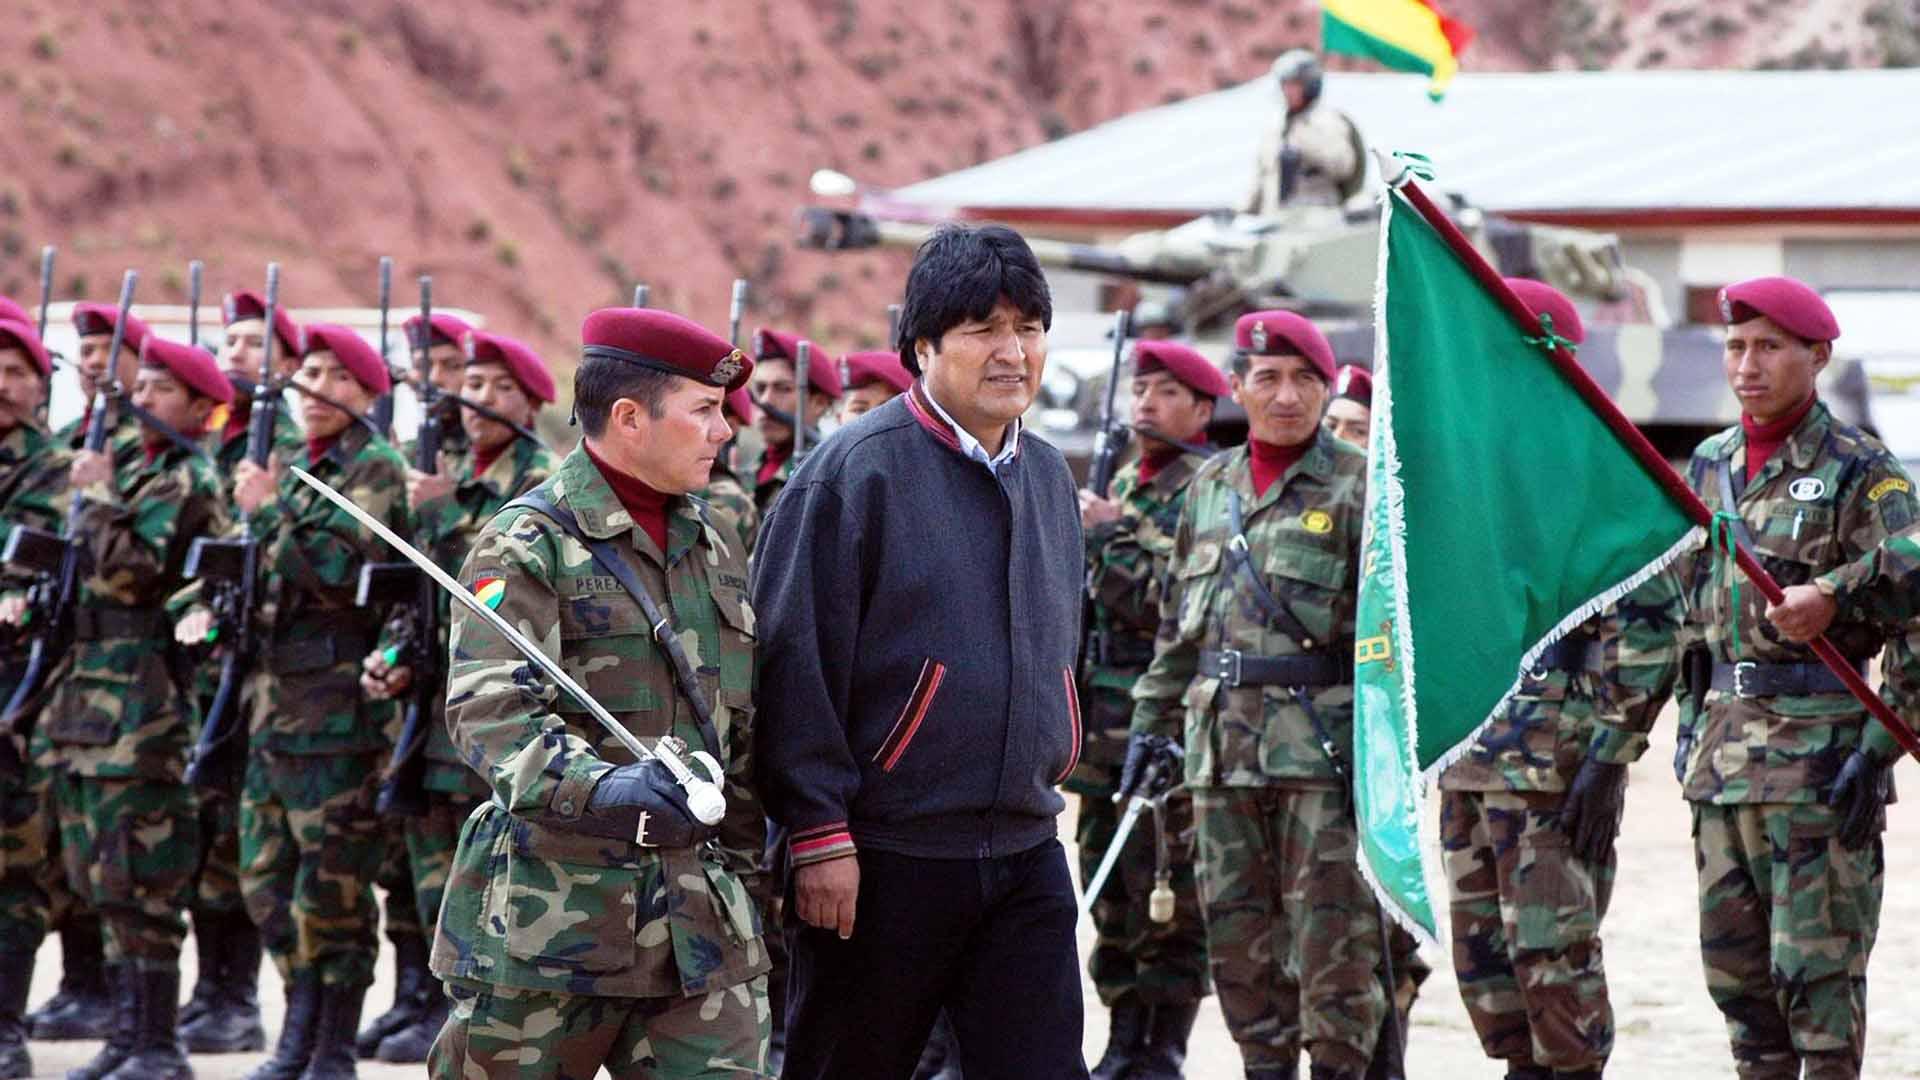 Ministros de Defensa de ambos países aseguraron una fluida cooperación técnico-militar a largo plazo